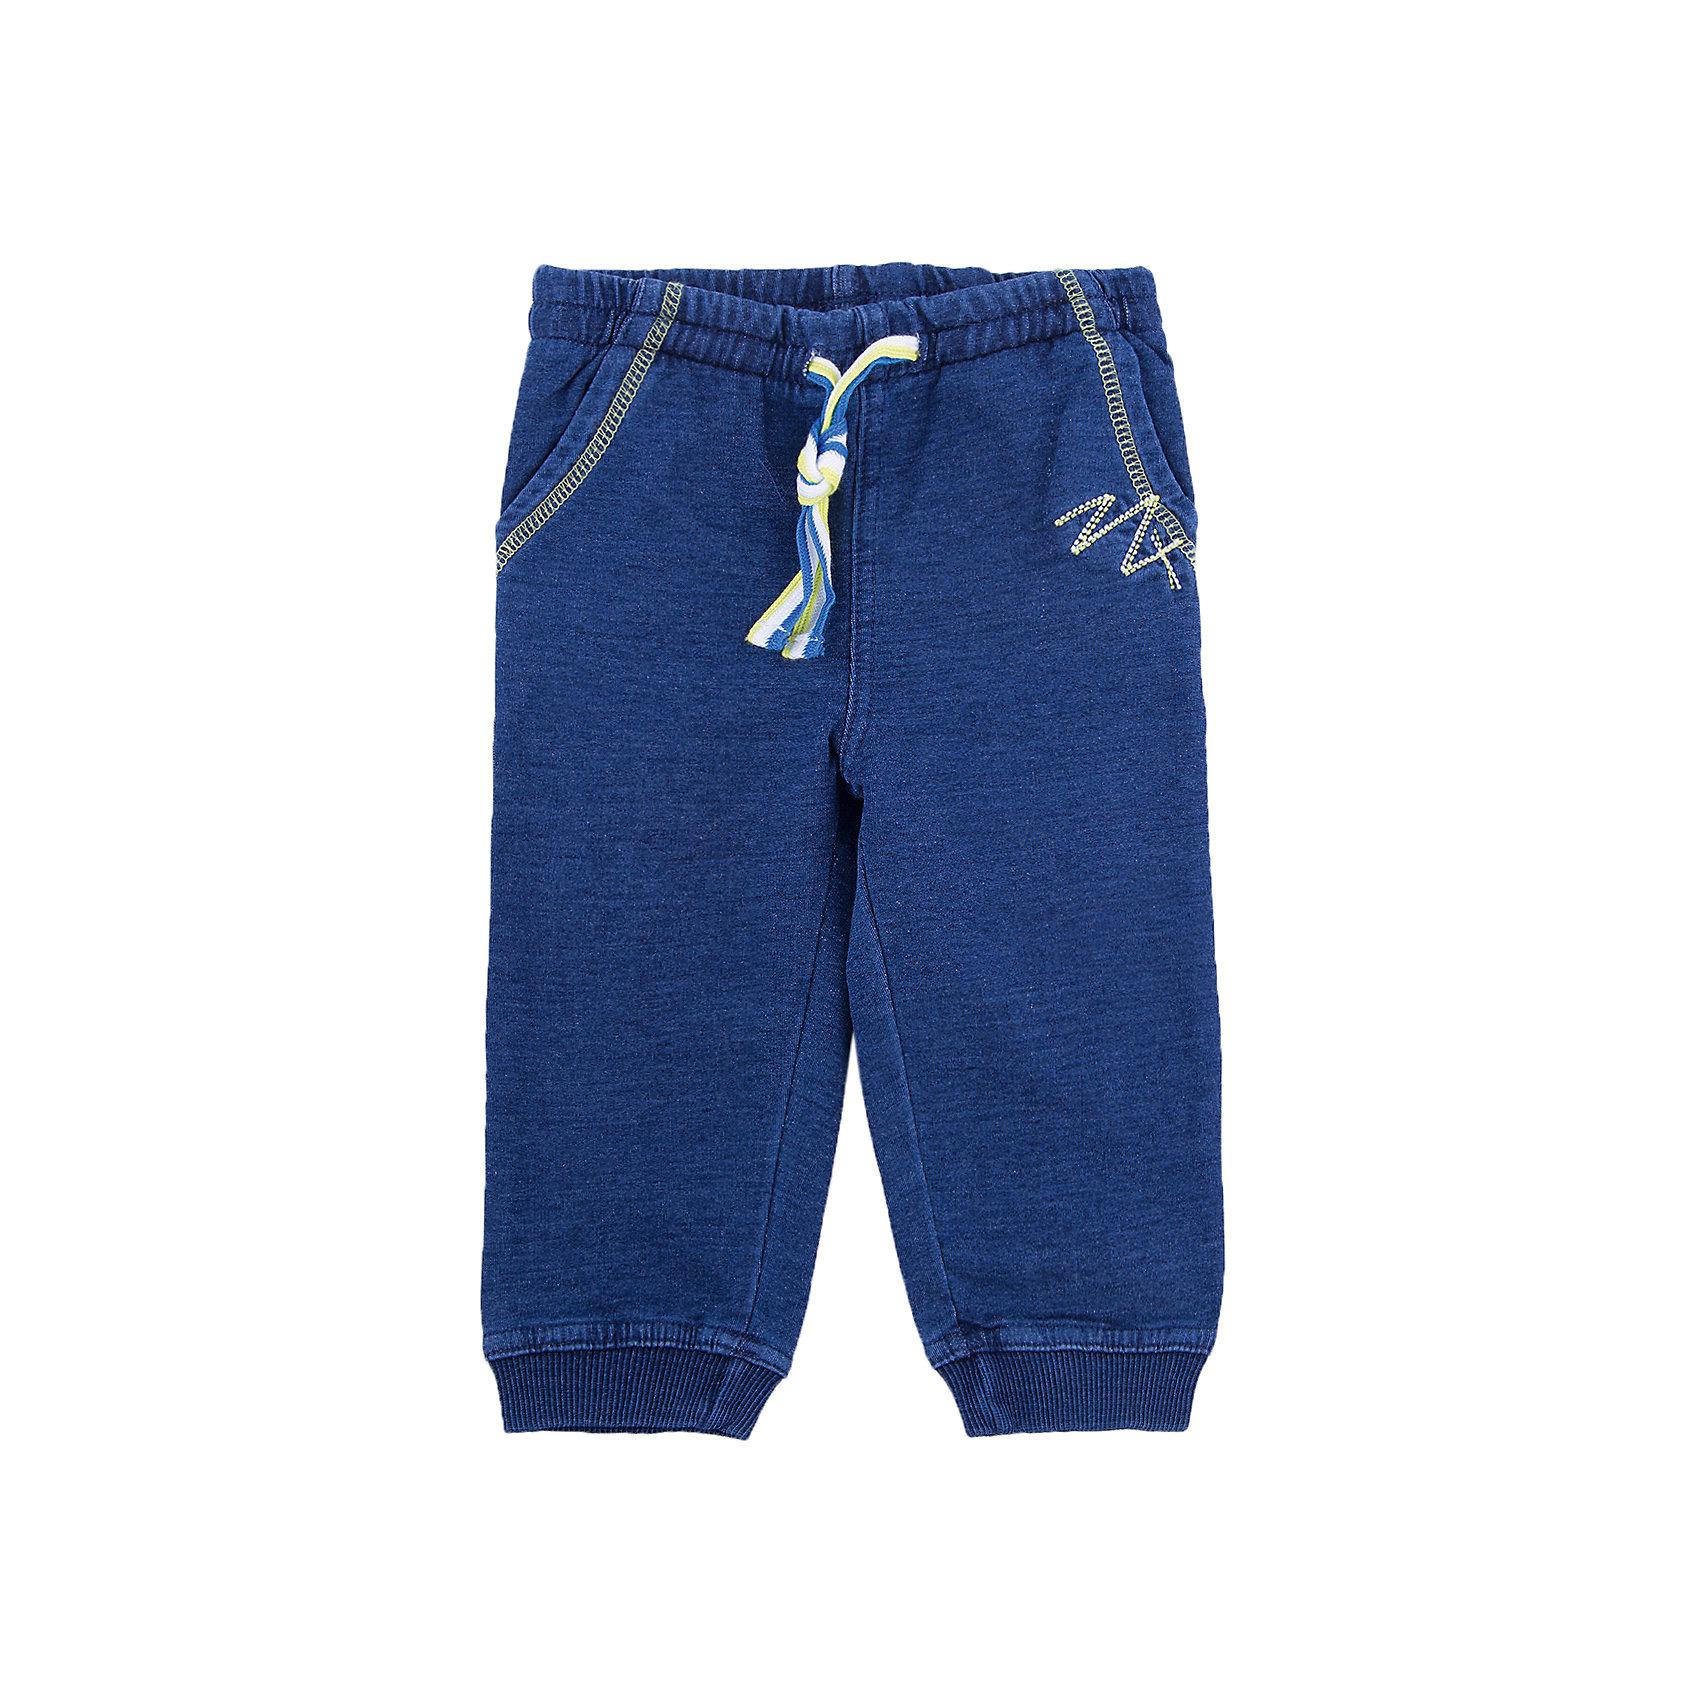 Брюки для мальчика PlayTodayБрюки для мальчика от известного бренда PlayToday.<br>Мягкие брюки из футера с имитацией денима. Пояс на резинке, дополнительно регулируется яркой трехцветной тесьмой. Есть два функциональных кармана. Контрастная салатовая стежка.<br>Состав:<br>95% хлопок, 5% эластан<br><br>Ширина мм: 157<br>Глубина мм: 13<br>Высота мм: 119<br>Вес г: 200<br>Цвет: синий<br>Возраст от месяцев: 12<br>Возраст до месяцев: 15<br>Пол: Мужской<br>Возраст: Детский<br>Размер: 80,74,92,86<br>SKU: 4900369